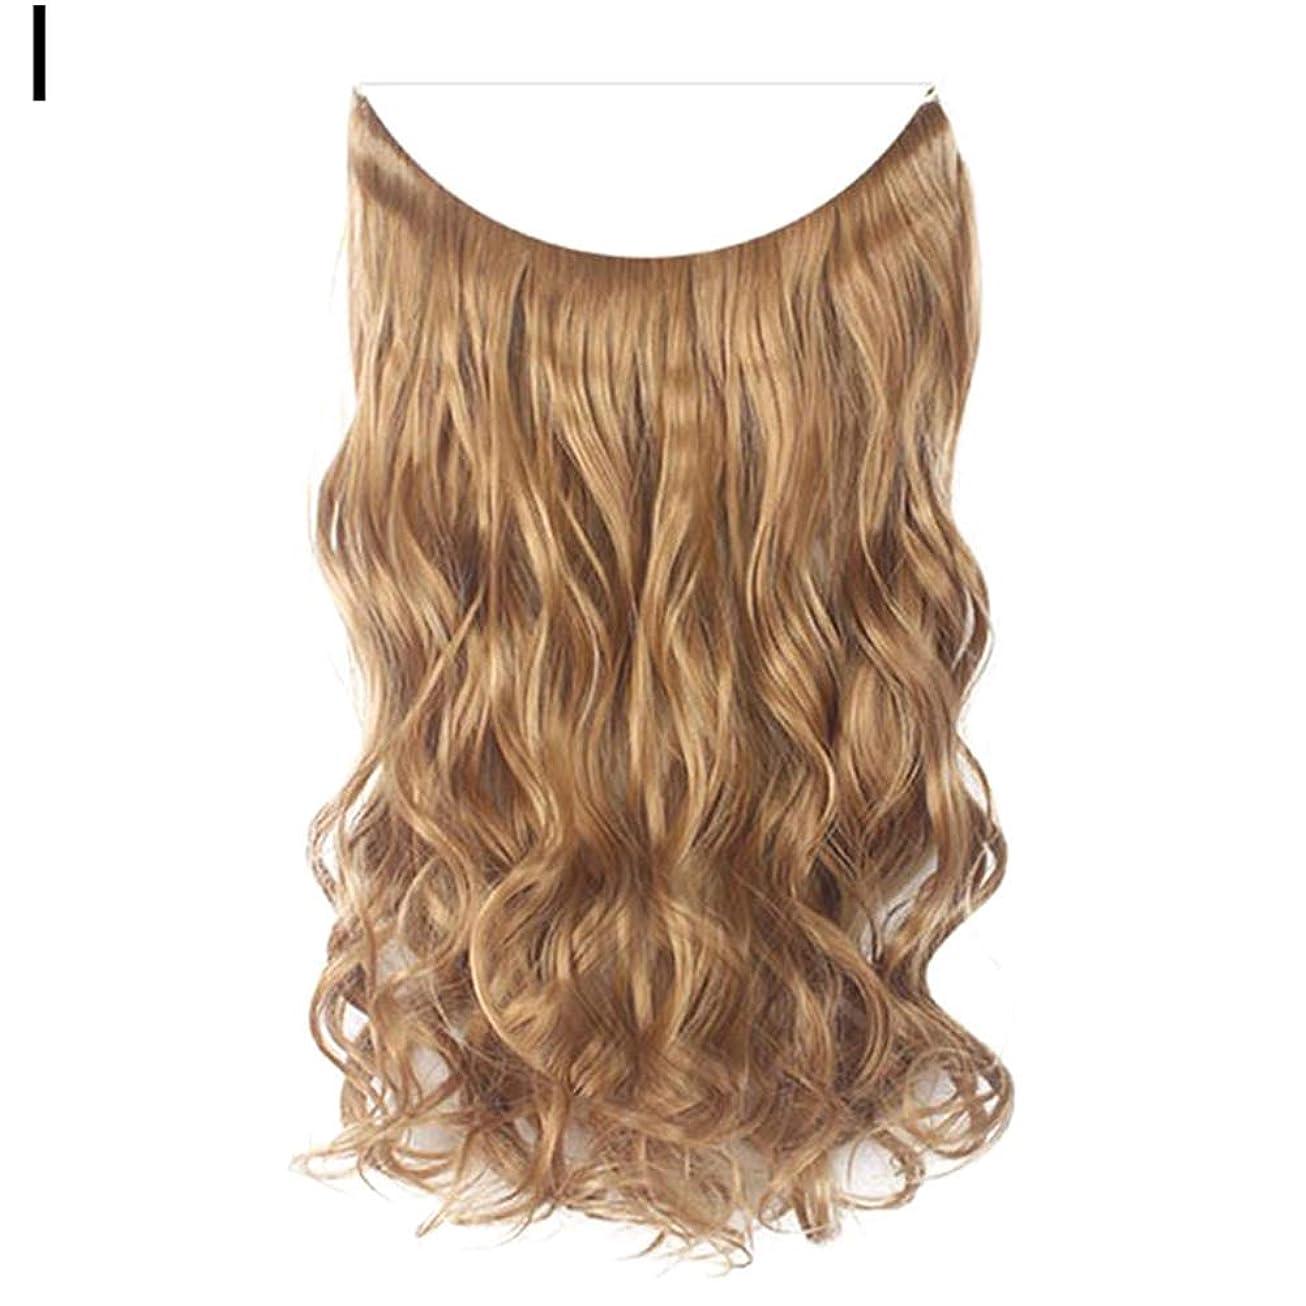 回る真鍮こねるslQinjiansav女性ウィッグ修理ツールファッション女性長いストレートカーリーウィッグフルヘッドヘアピースクリップヘアエクステンション